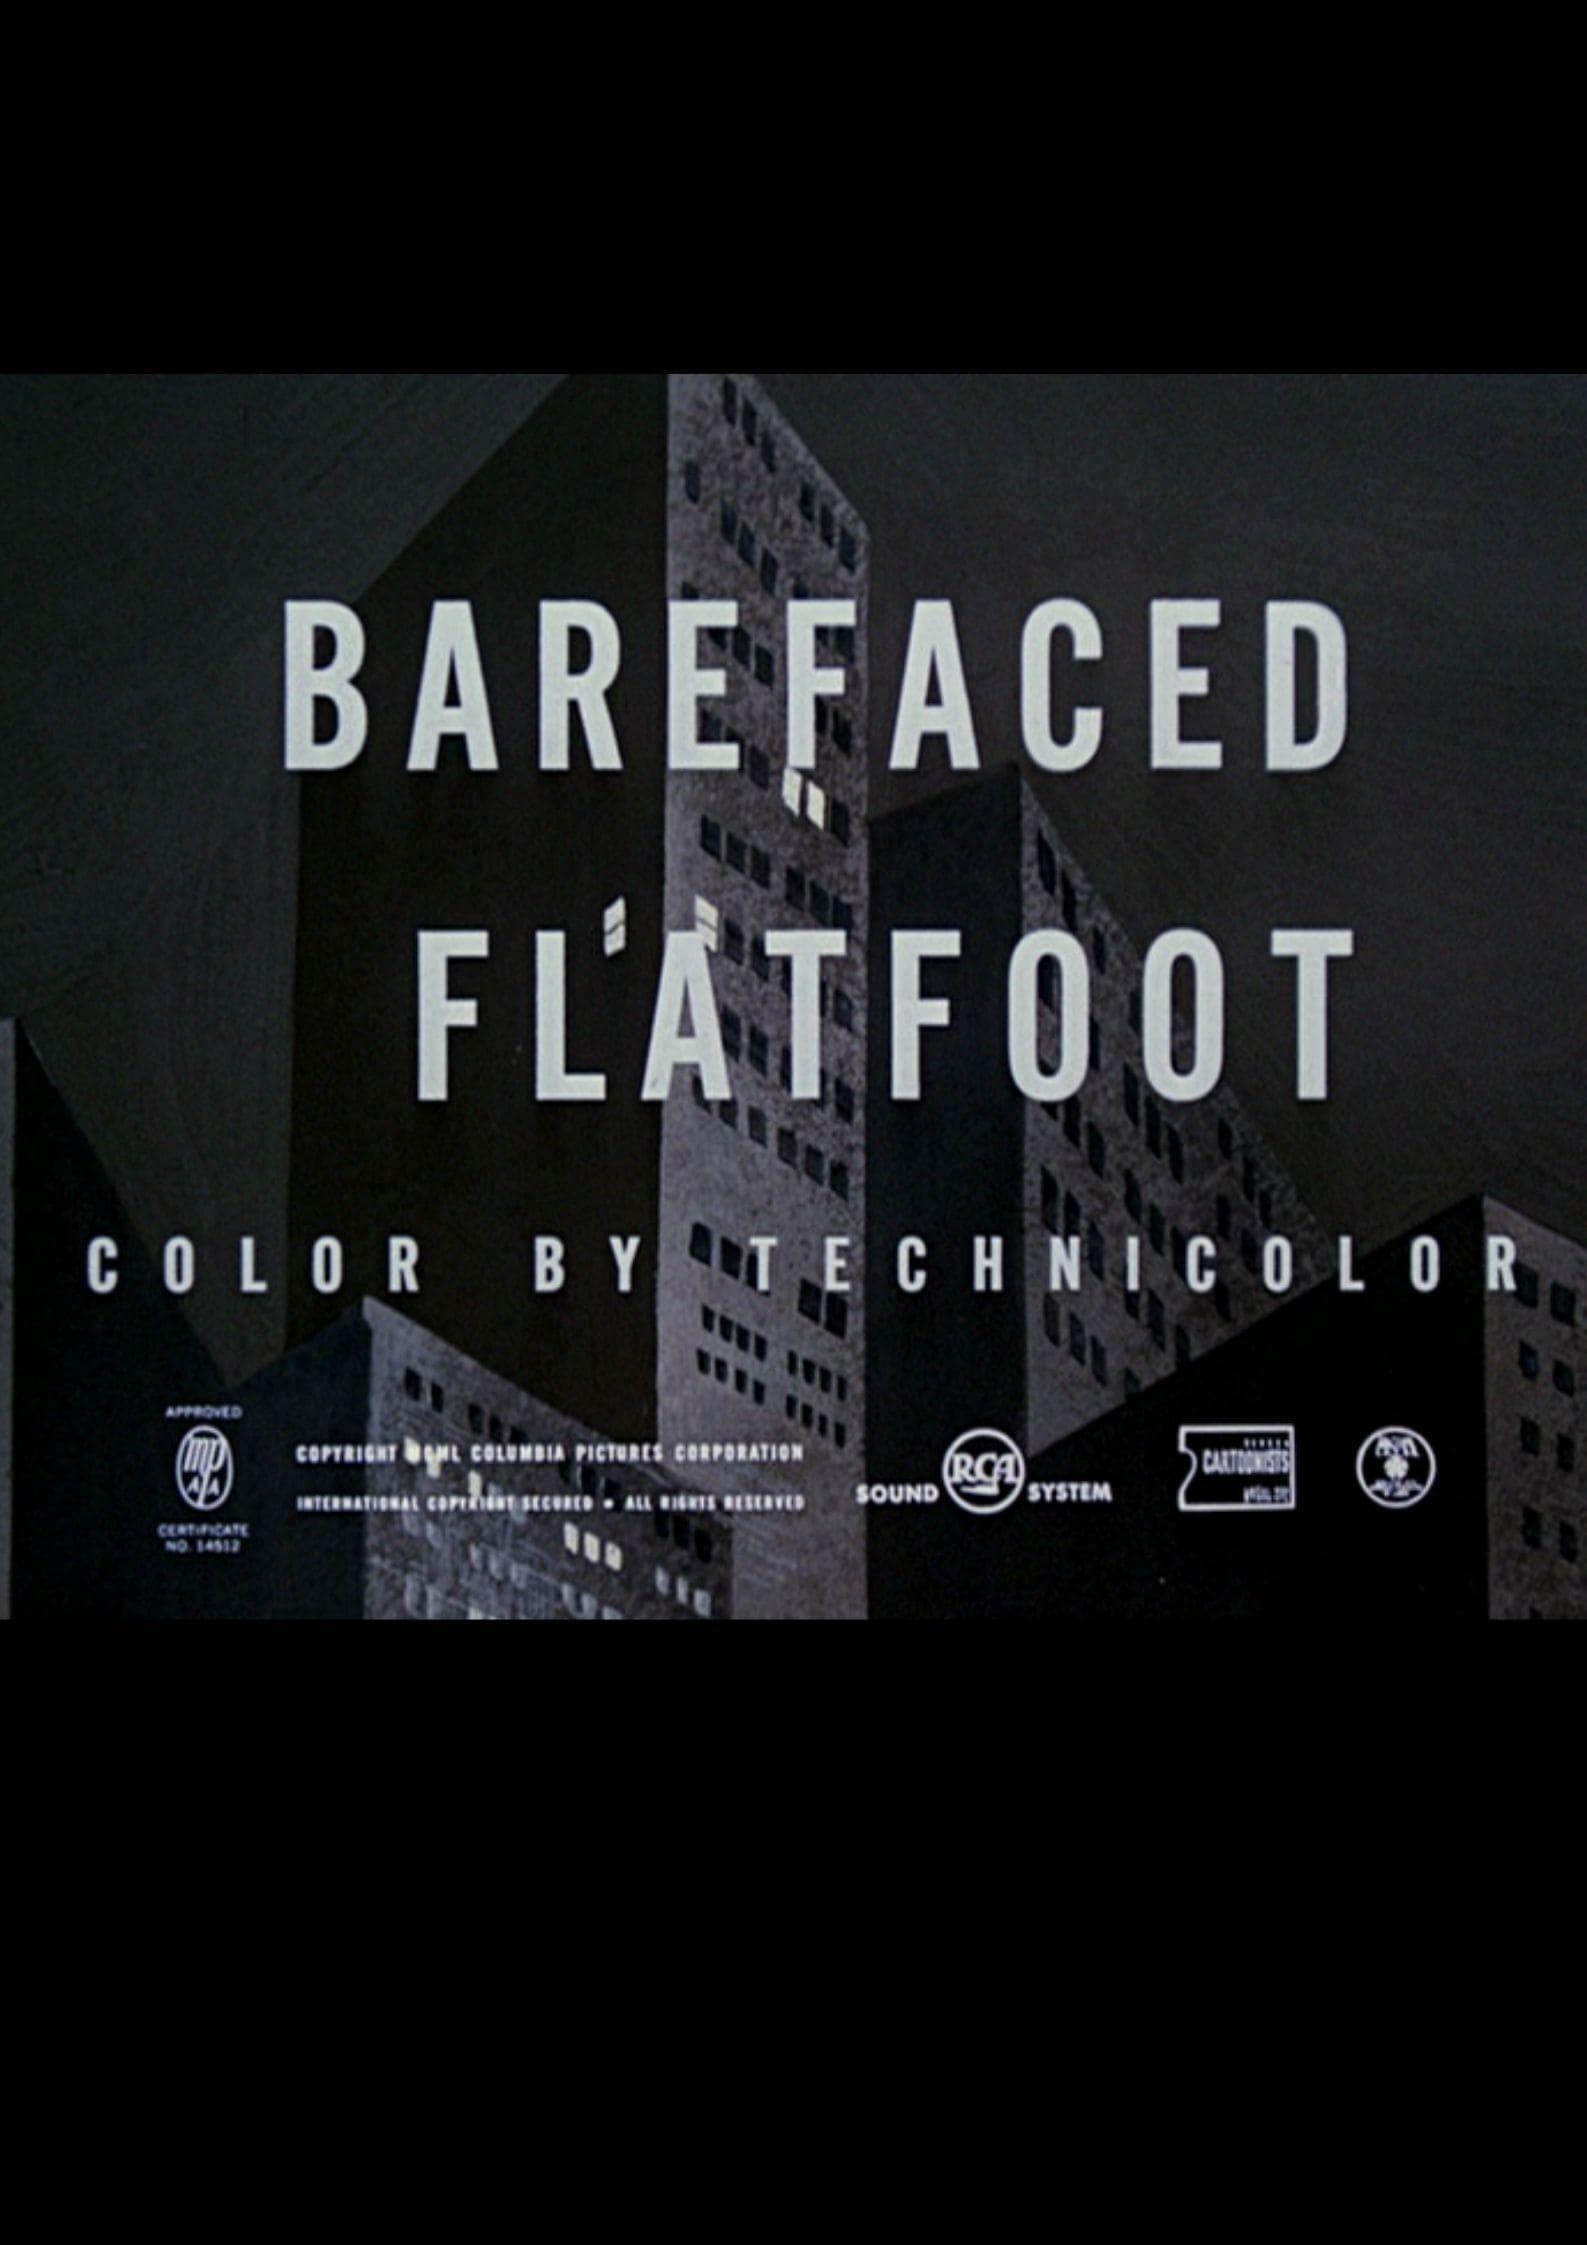 Barefaced Flatfoot